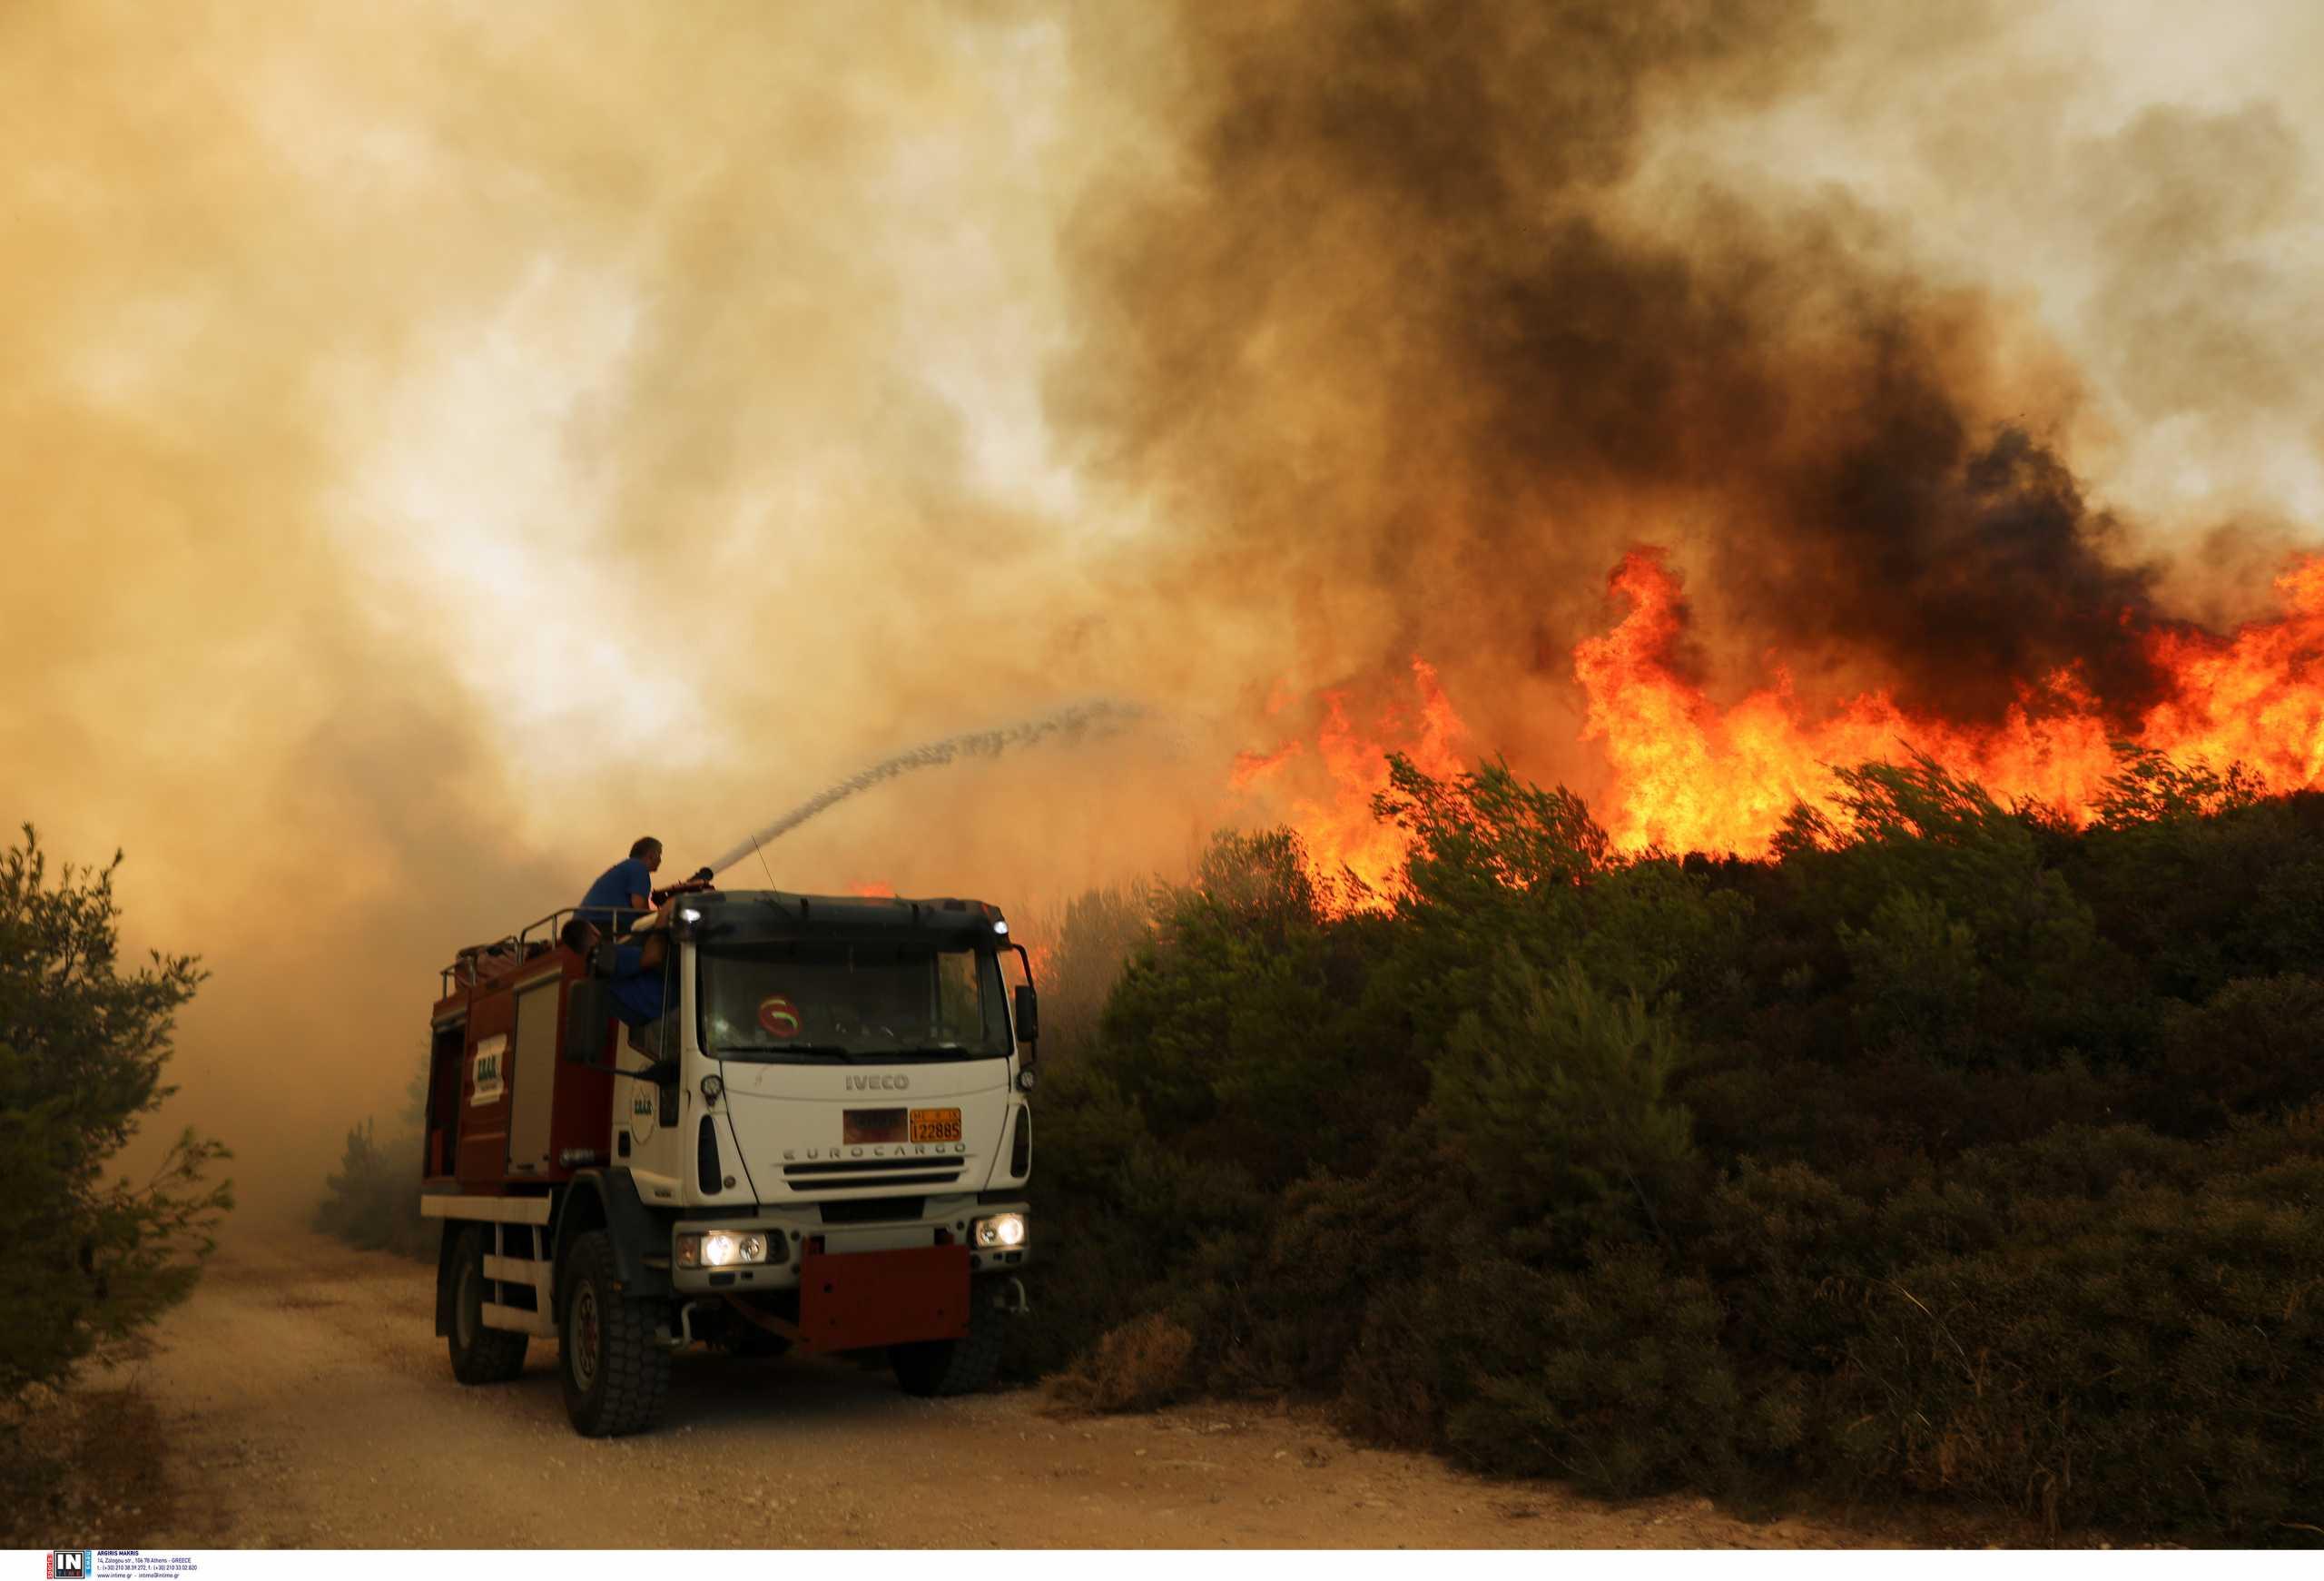 Χαλκιδική: Σε ύφεση η φωτιά που προκλήθηκε από κεραυνούς